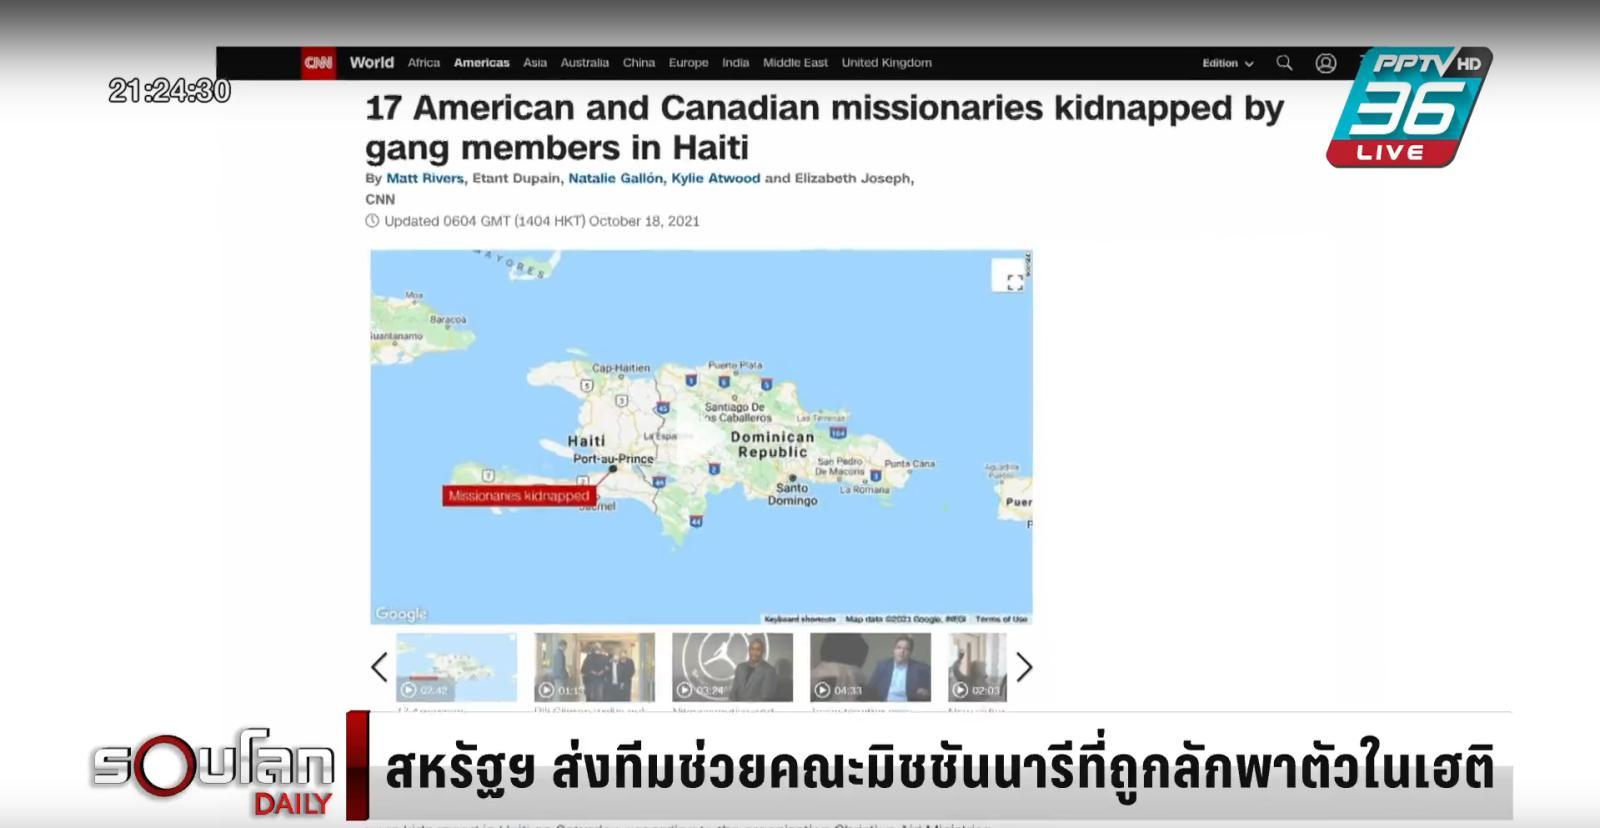 สหรัฐฯ ส่งทีมช่วยคณะเผยแพร่ศาสนาชาวอเมริกัน ถูกลักพาตัวในเฮติ